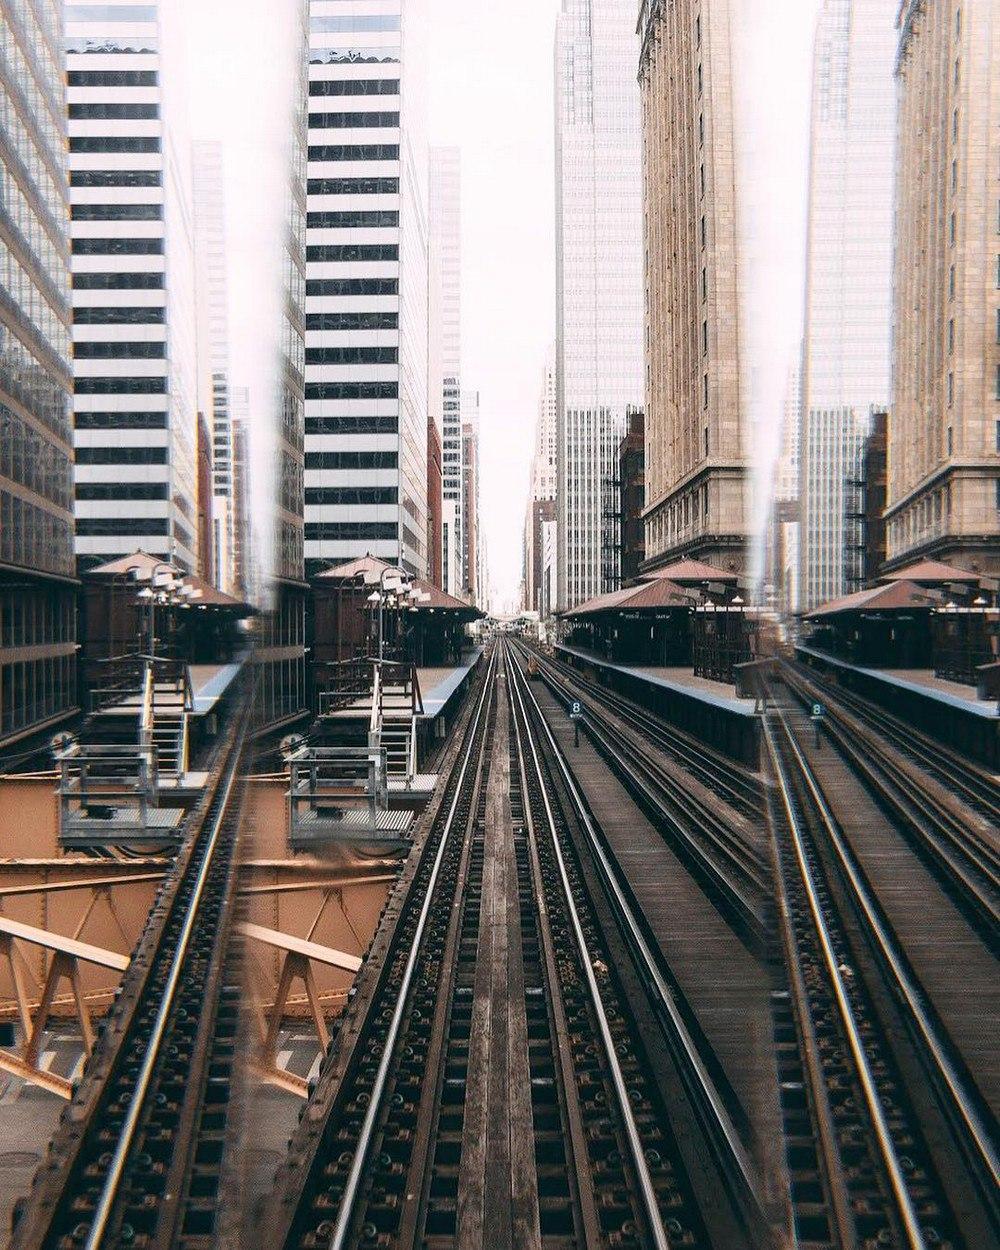 0DtiWJH1jPk - Шедевры архитектурной и городской фотографии